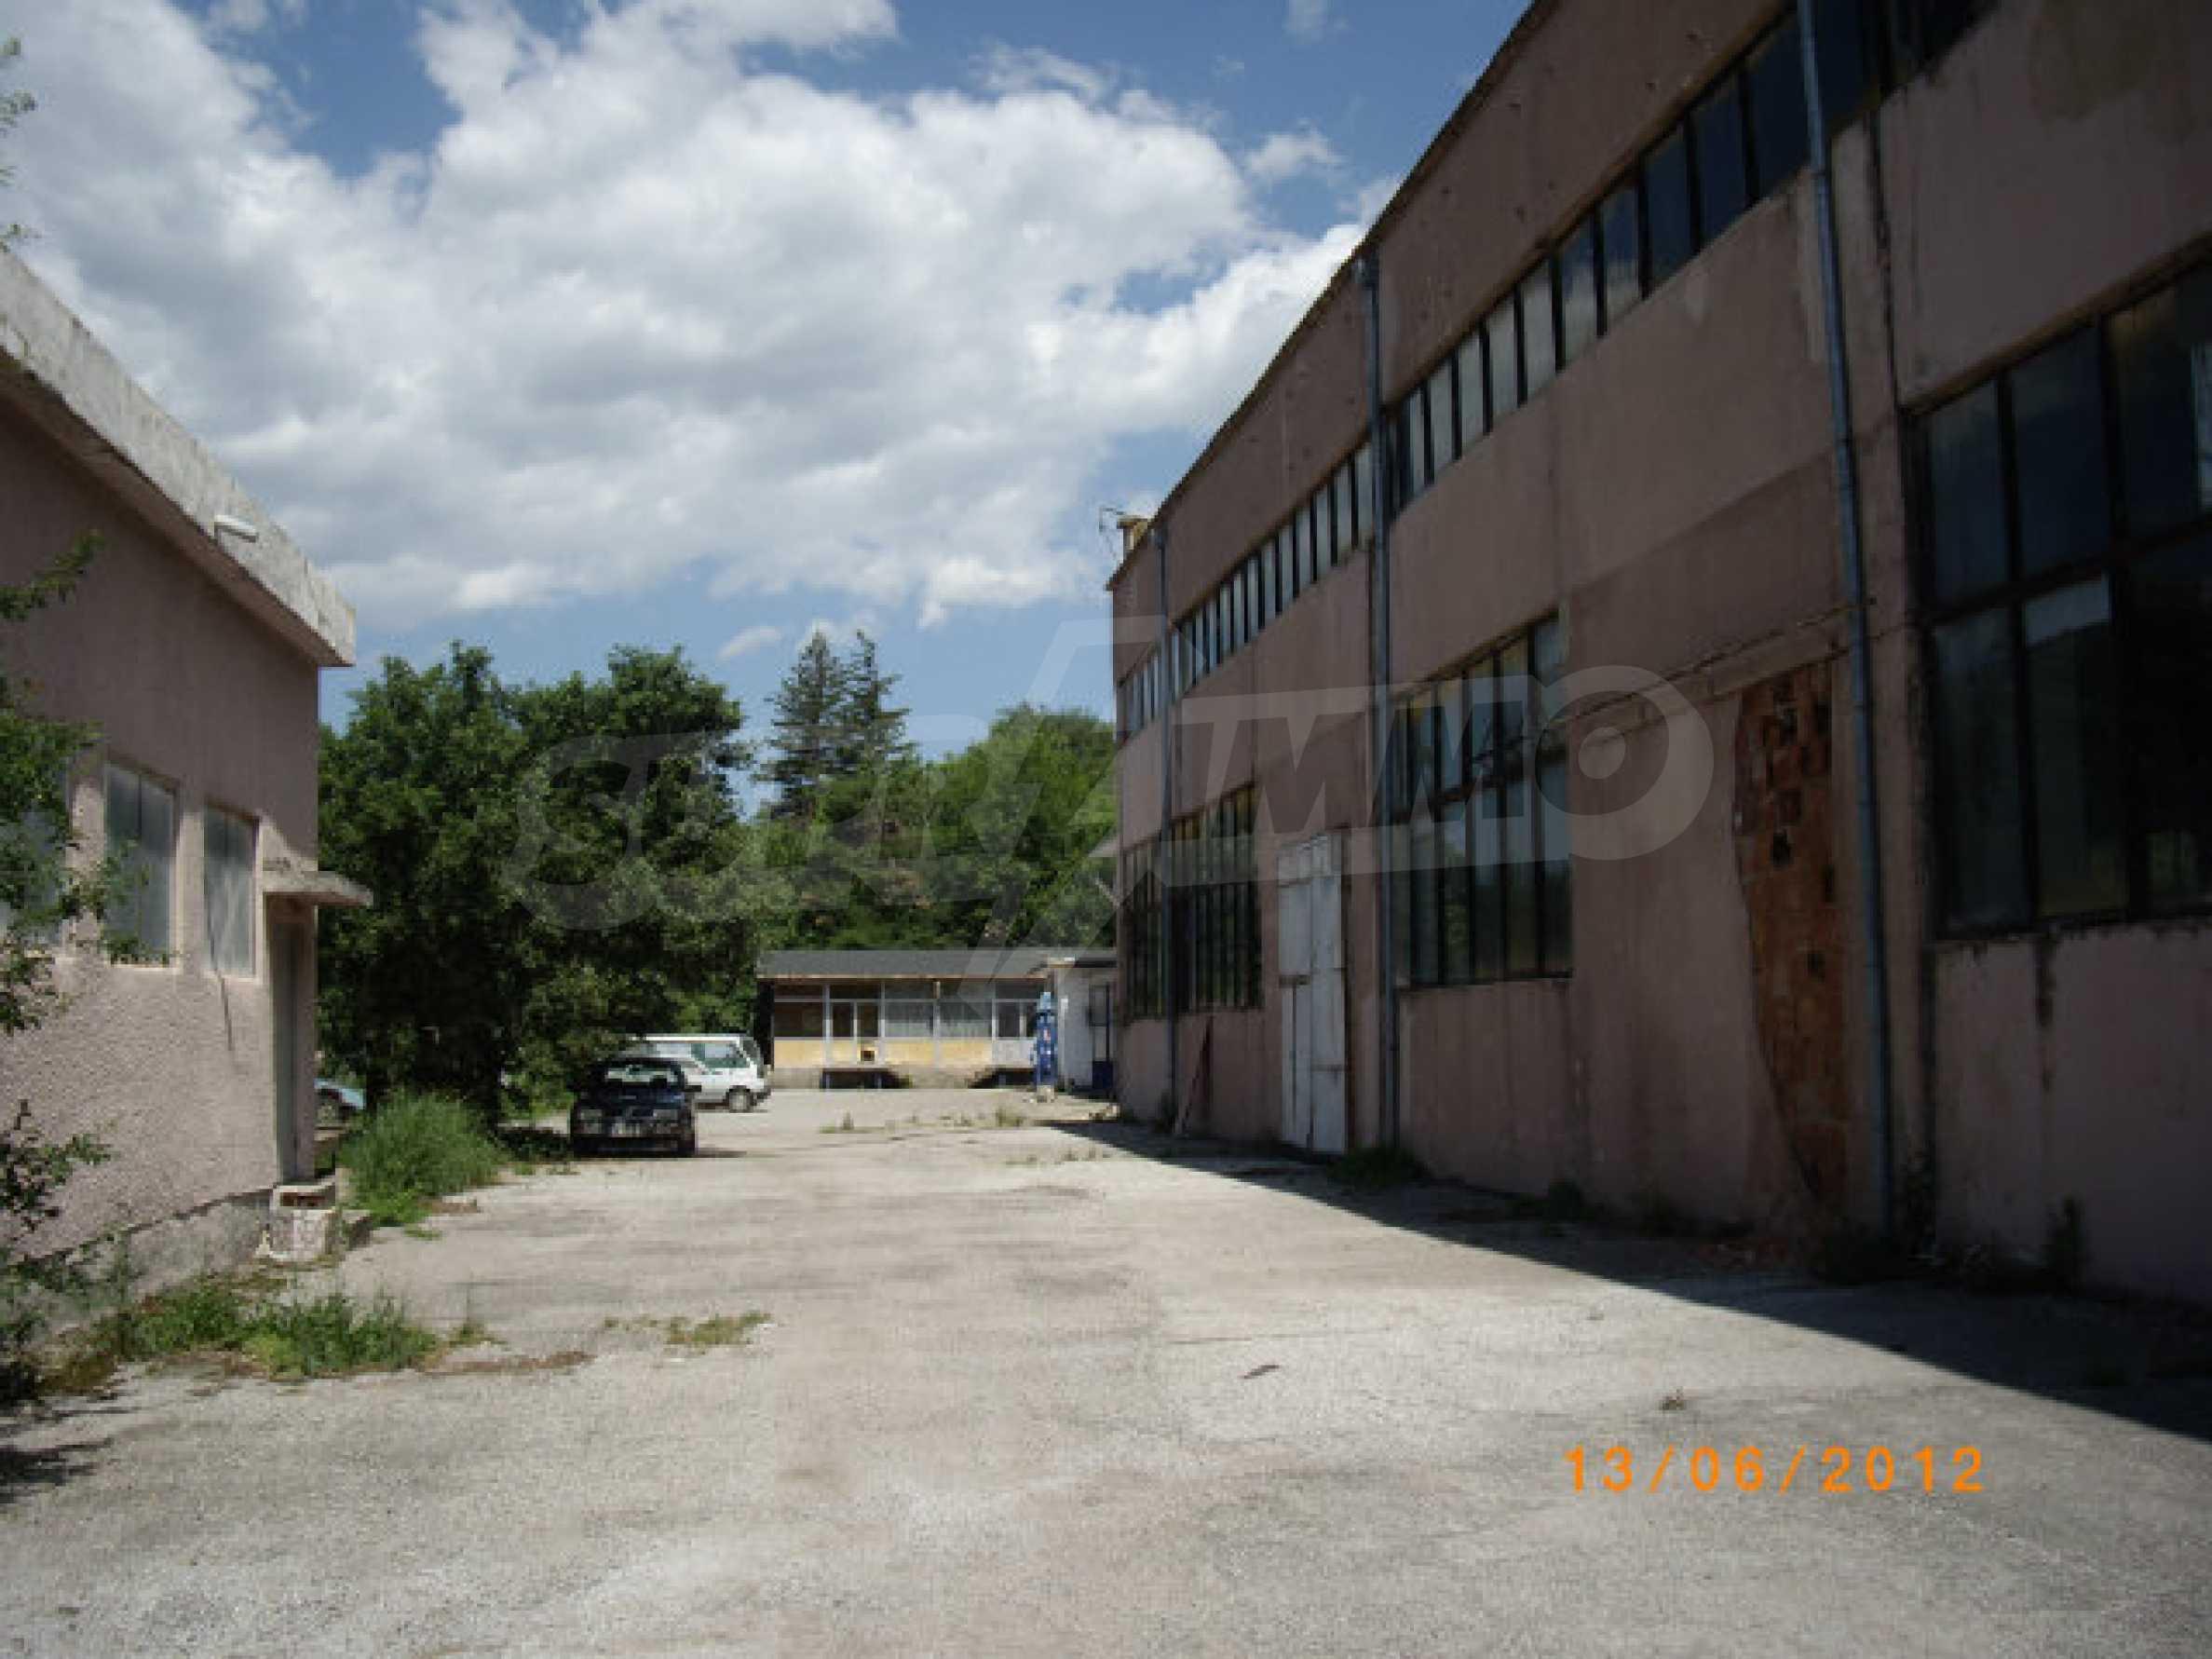 Produktionsgebäude mit Dienstleistungs- und Verwaltungsgebäude in der Nähe von Monatan 26